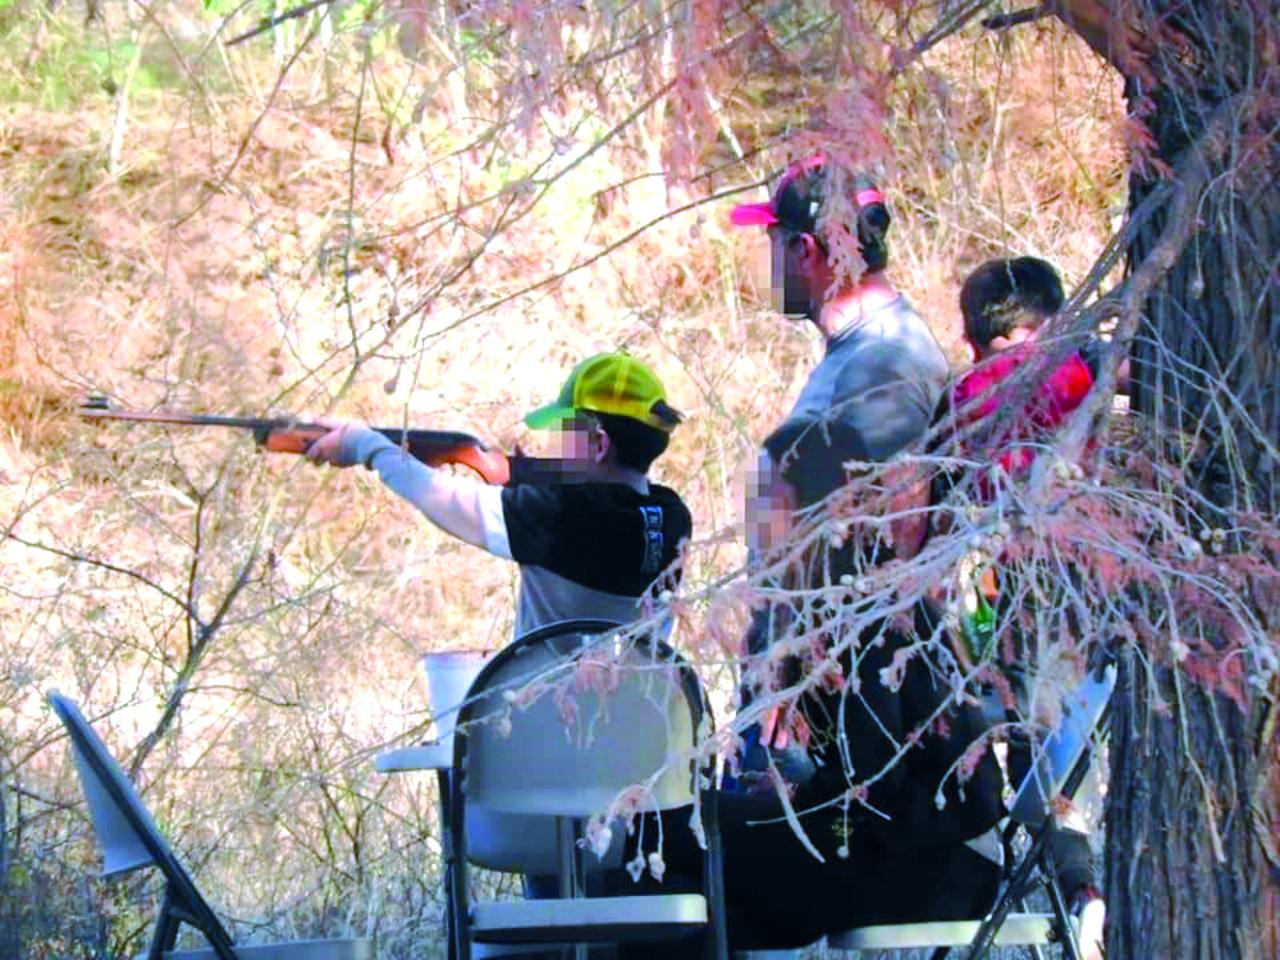 Detectan a menores disparando en Cañón de Fernández